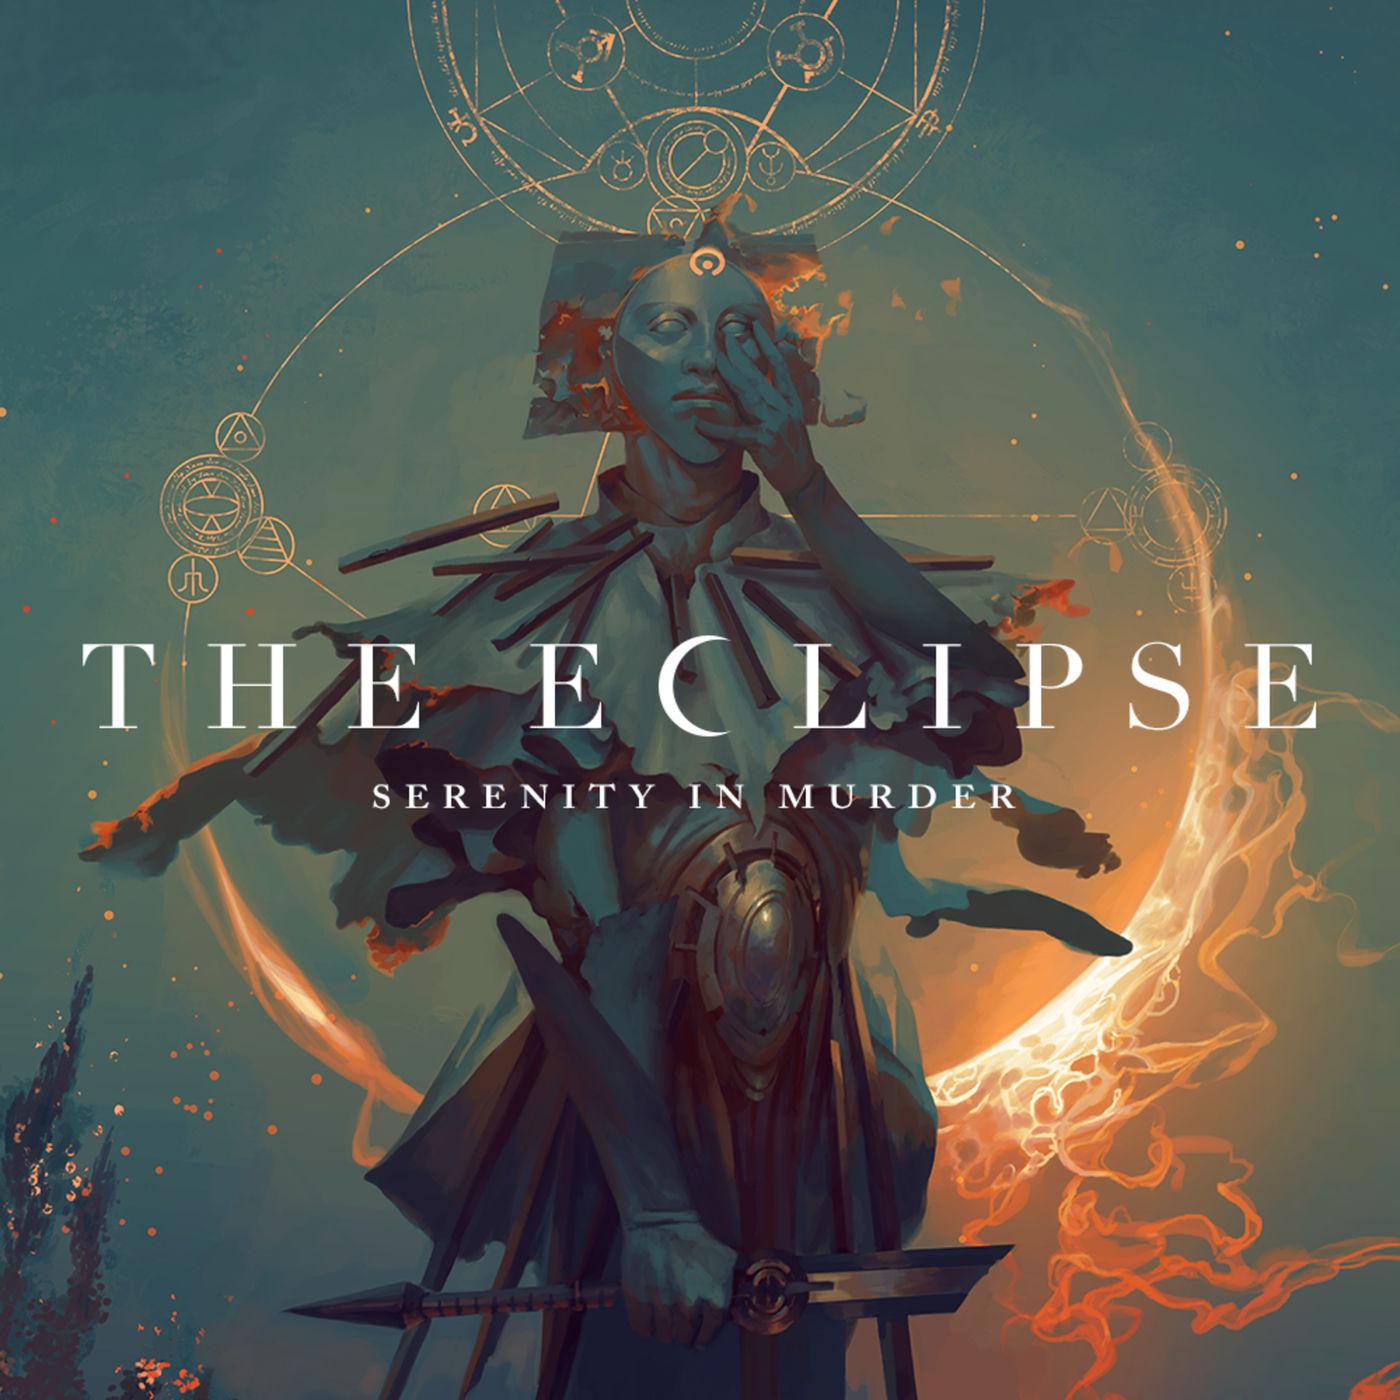 Serenity in Murder: The Eclipse